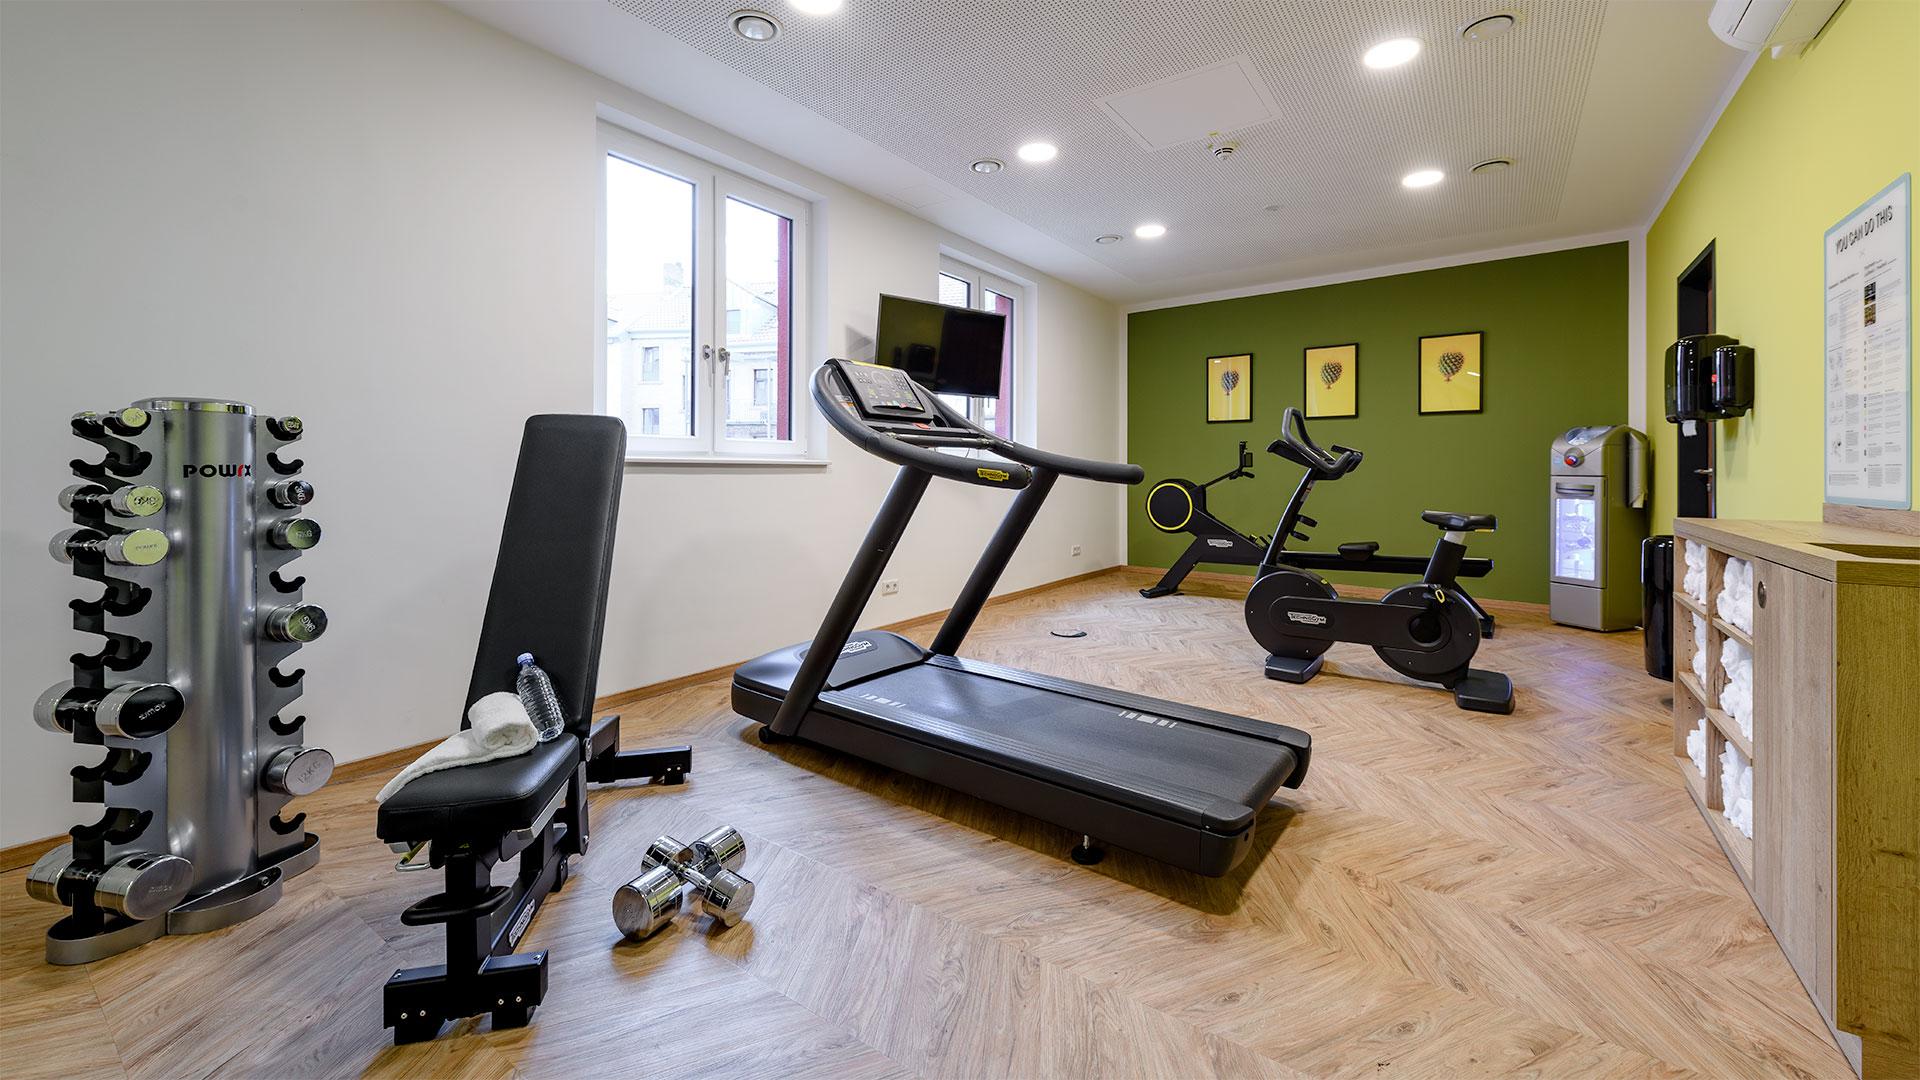 Ansicht des Fitnessraums - 01 - ibis Styles Aschaffenburg